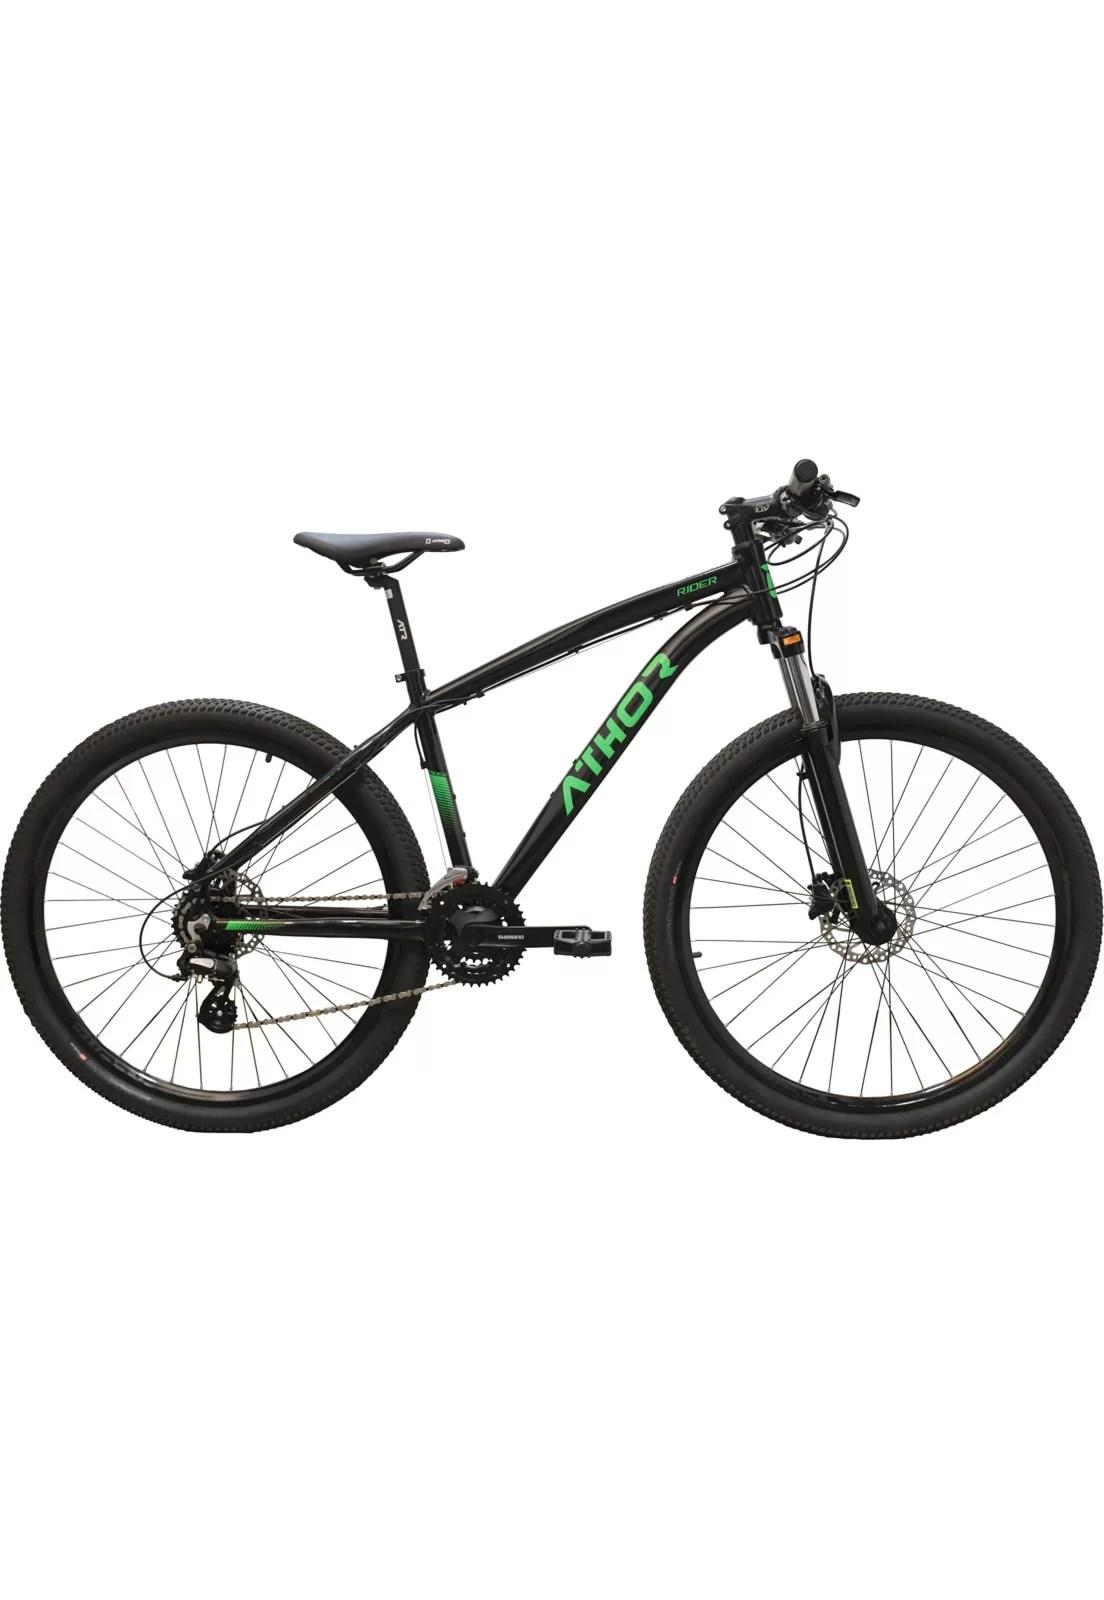 Bicicleta Athor Bike Rider T15 Aro 29 Susp. Dianteira 24